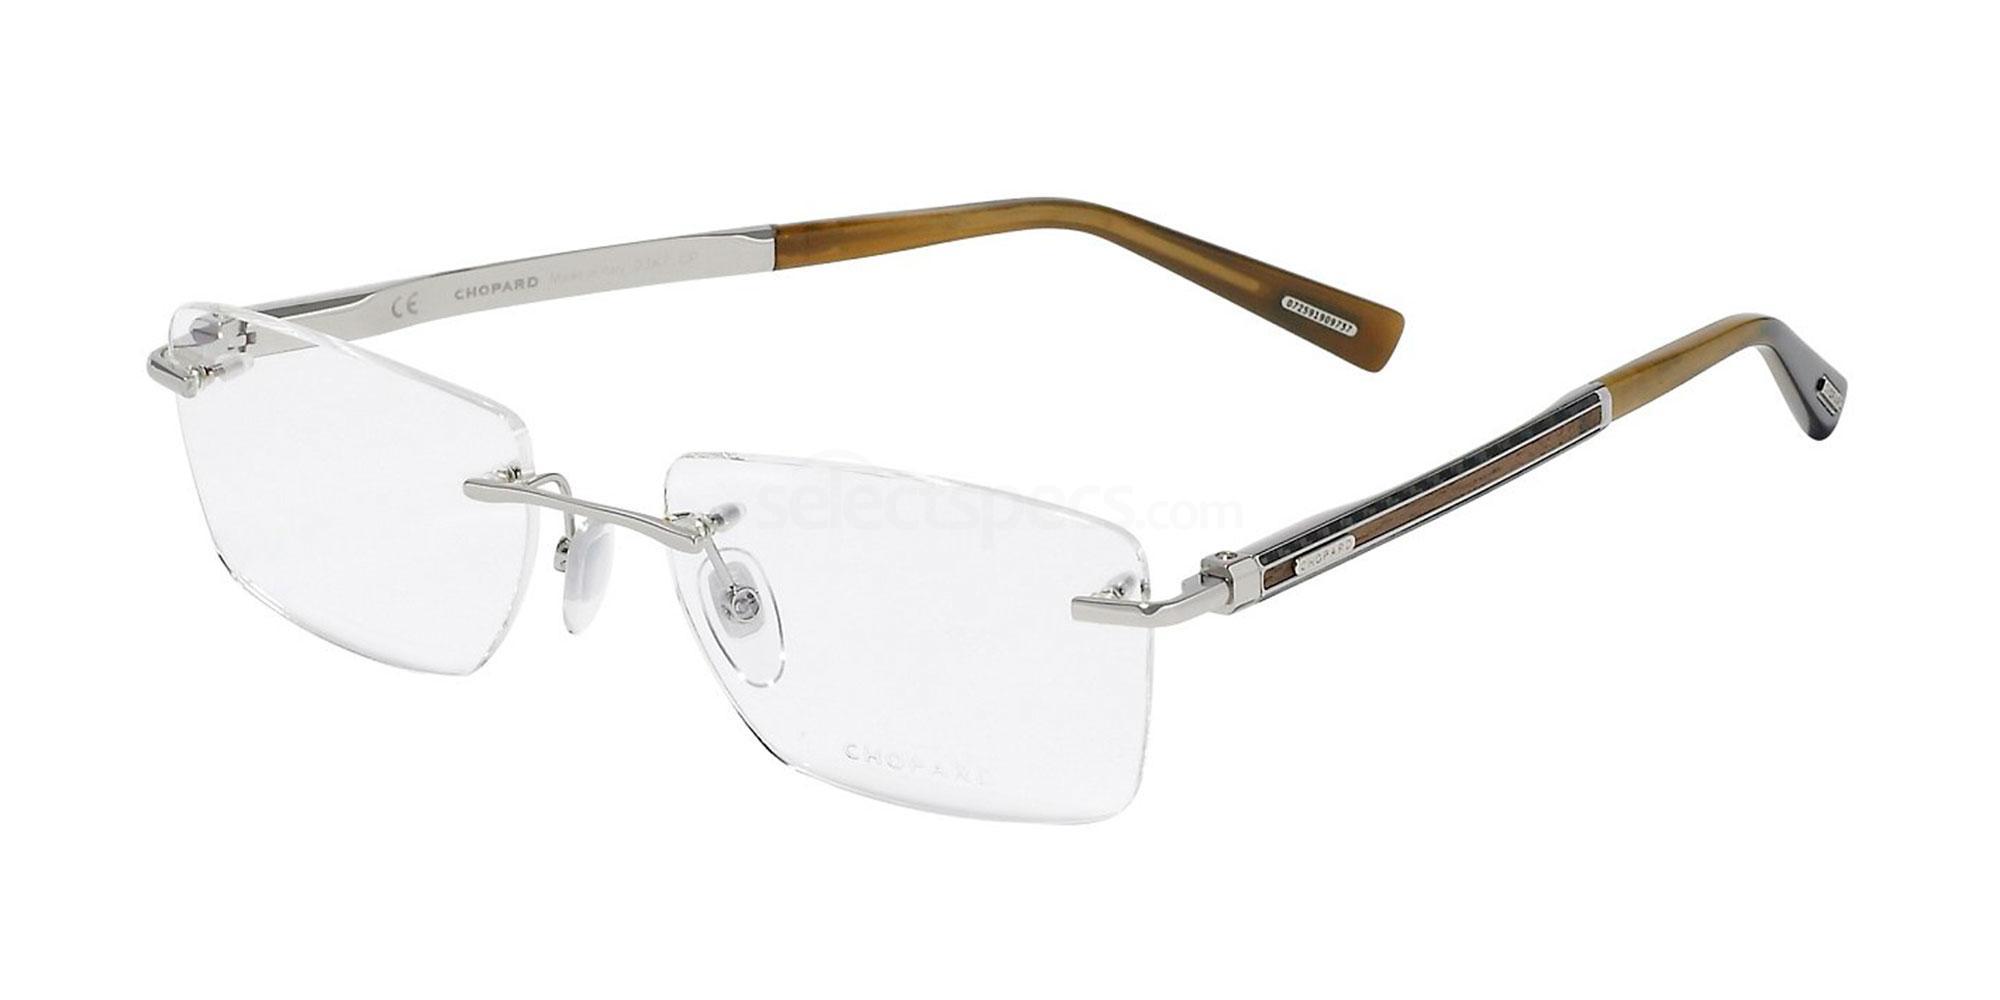 0579 VCHD62 Glasses, Chopard